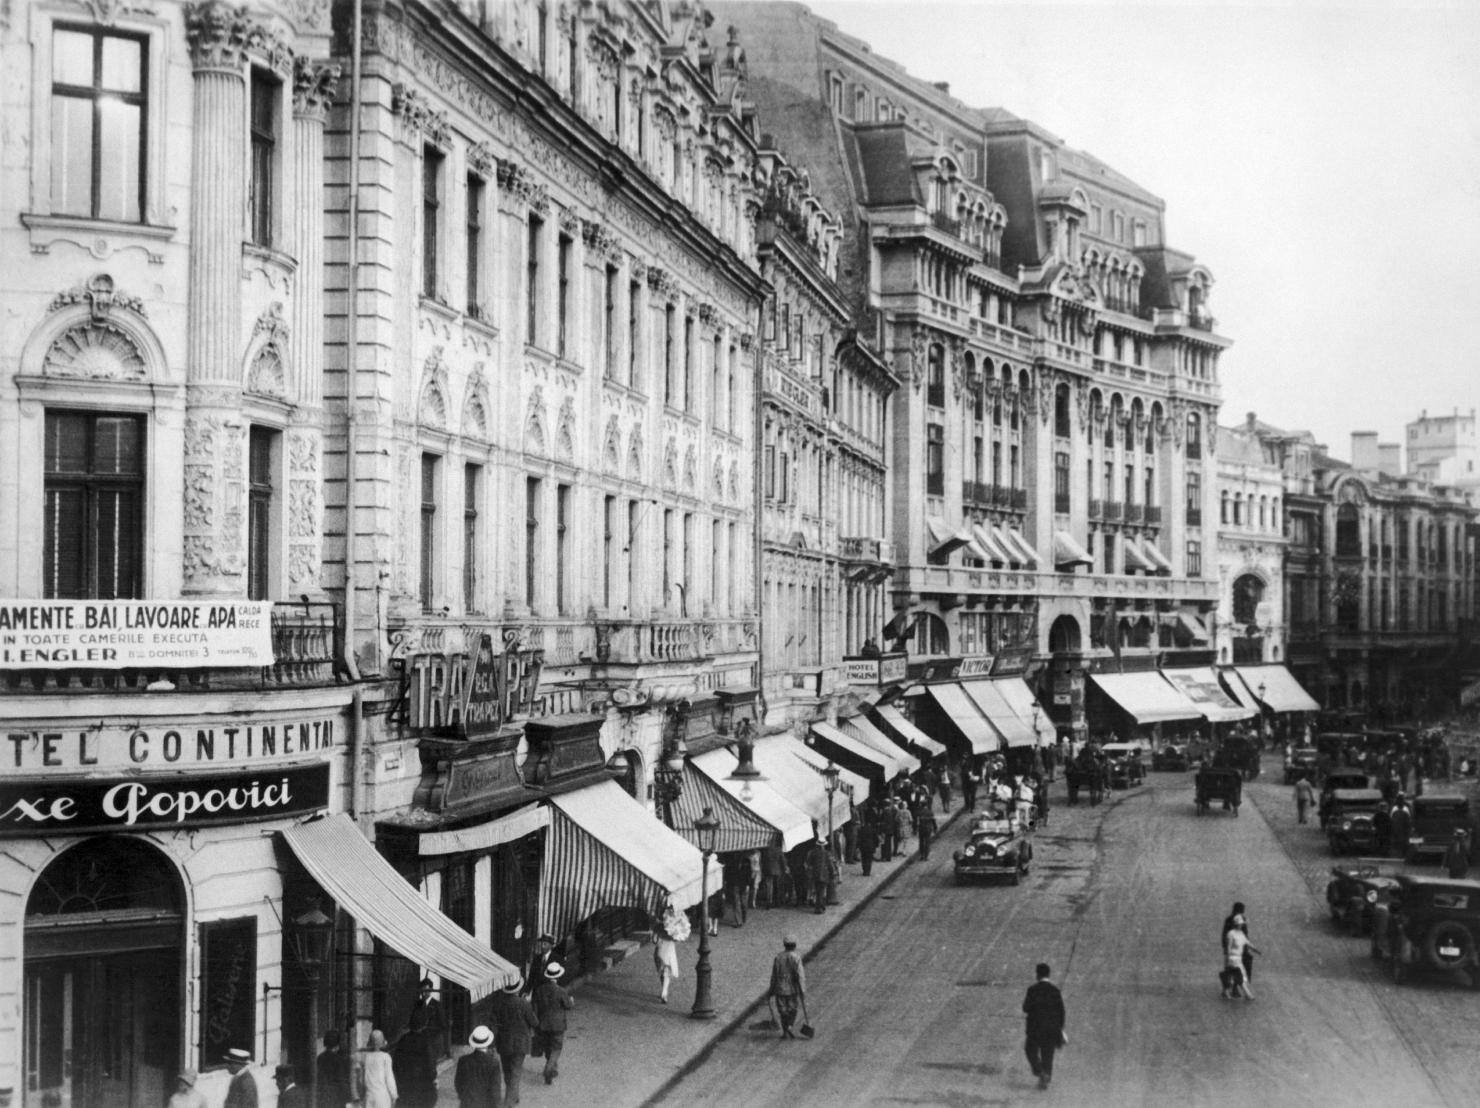 Hotelul Continental, în anii '20